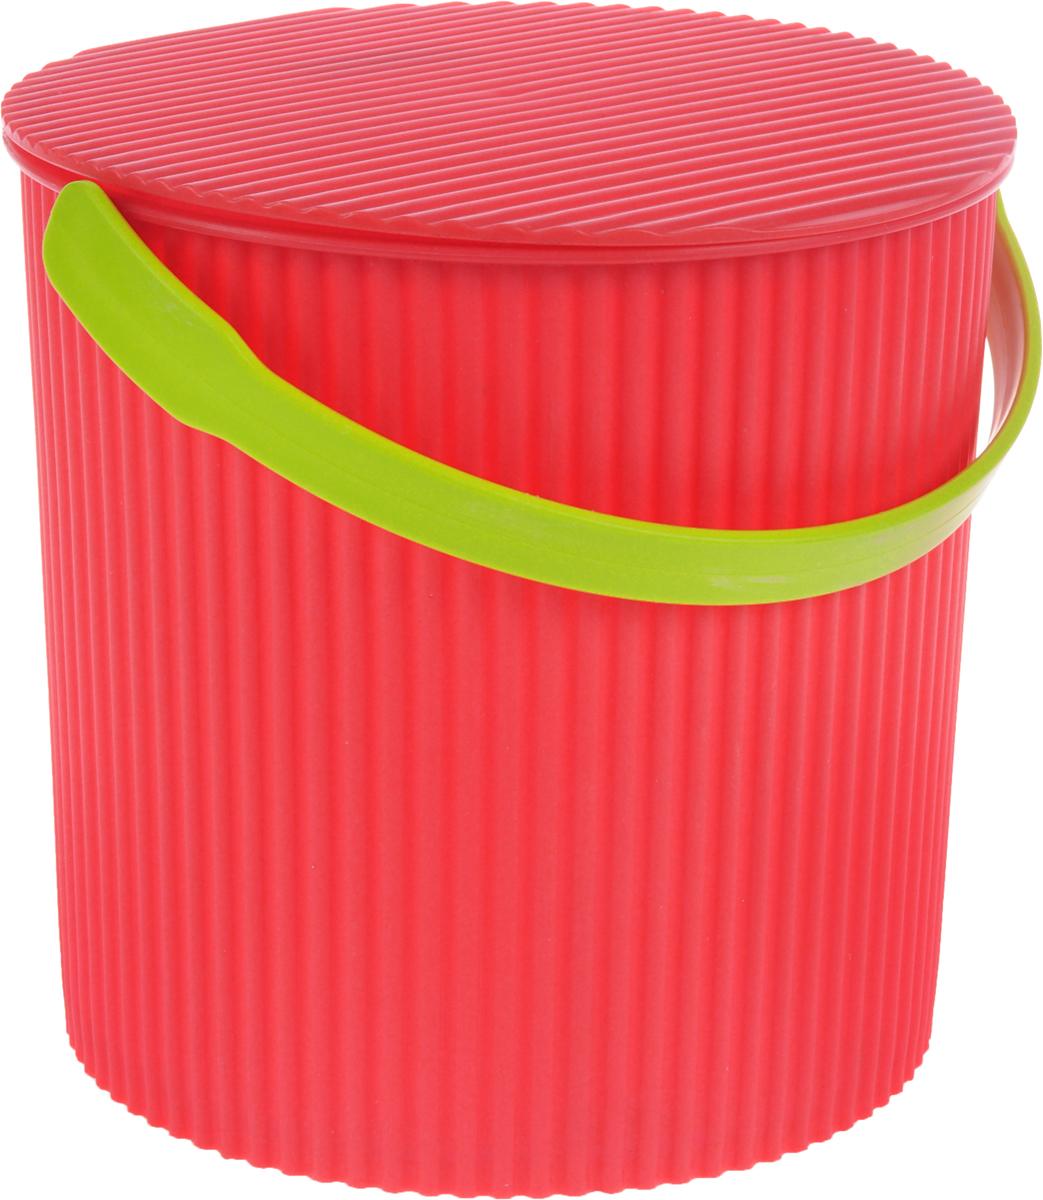 Ведро-стул Изумруд Bambini, цвет: коралловый, бежевый, 10 л102_коралловый, бежевая ручкаВедро-стул Изумруд Bambini выполнено из прочного пластика. Изделие может быть использовано, как стул где-нибудь на природе, как ведро для дома, для рыбалки, для похода. Имеет множество ребер жесткости, которые обеспечивают ему дополнительную прочность. Интересный дизайн впишется в любой интерьер дома, офиса, дачи и сделает его более оригинальным. Диаметр (по верхнему краю): 26 см. Высота: 26 см. Уважаемые клиенты! Обращаем ваше внимание на цвет ручек изделия: товар поставляется в цветовом ассортименте. Поставка осуществляется в зависимости от наличия на складе.